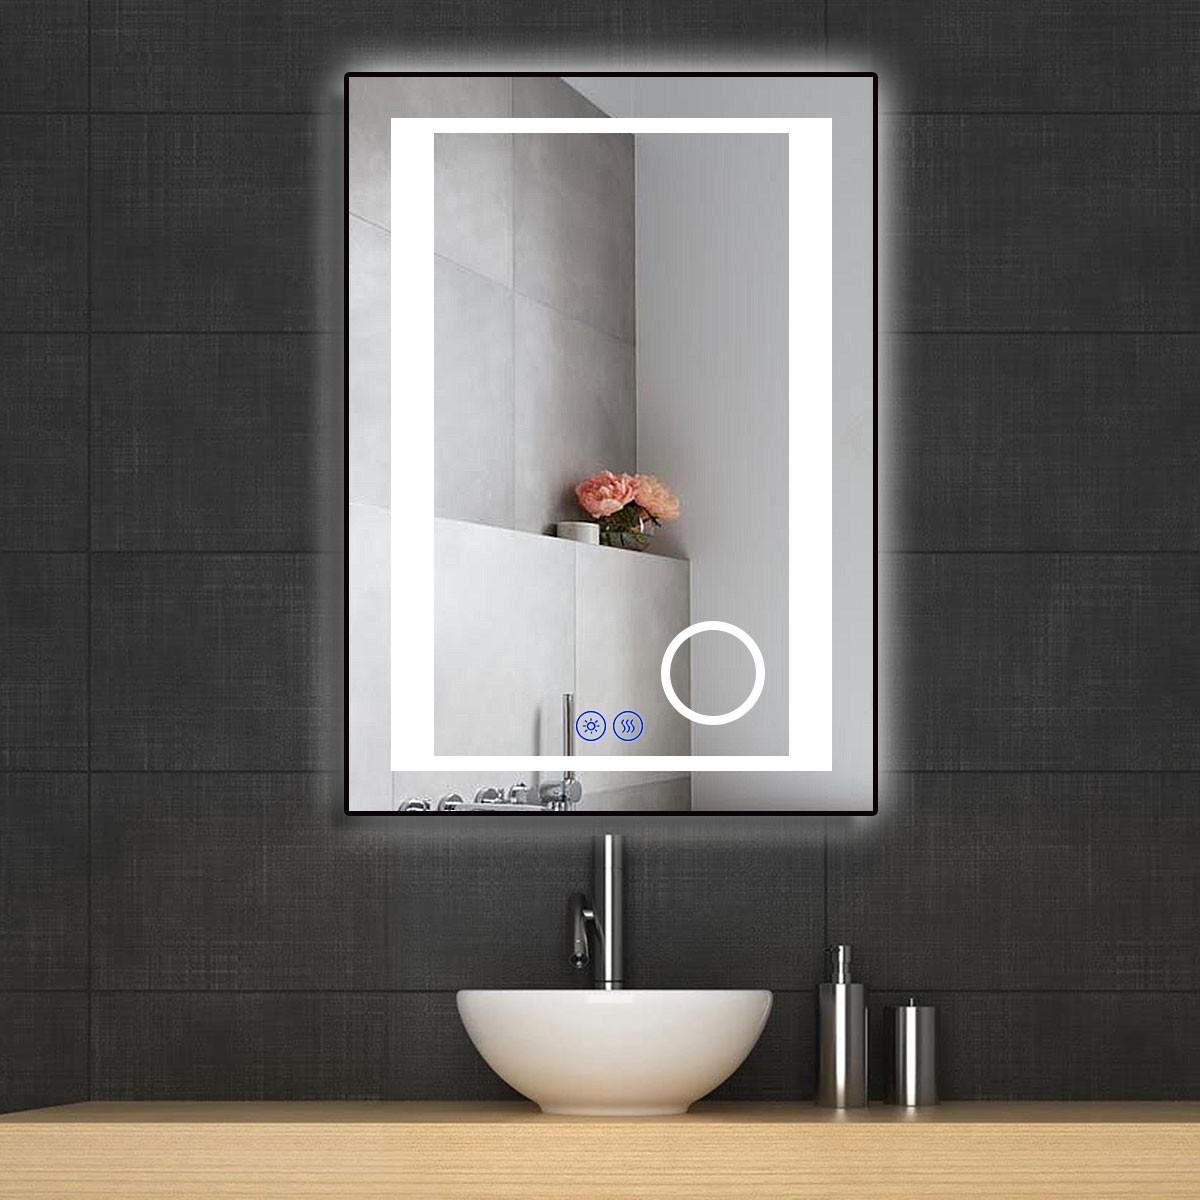 DECORAPORT 20 x 28 Po Miroir de Salle de Bain LED/Miroir Chambre avec Bouton Tactile, Loupe, Anti-Buée, Luminosité Réglable, Montage Vertical & Horizontal (KT16-2028)